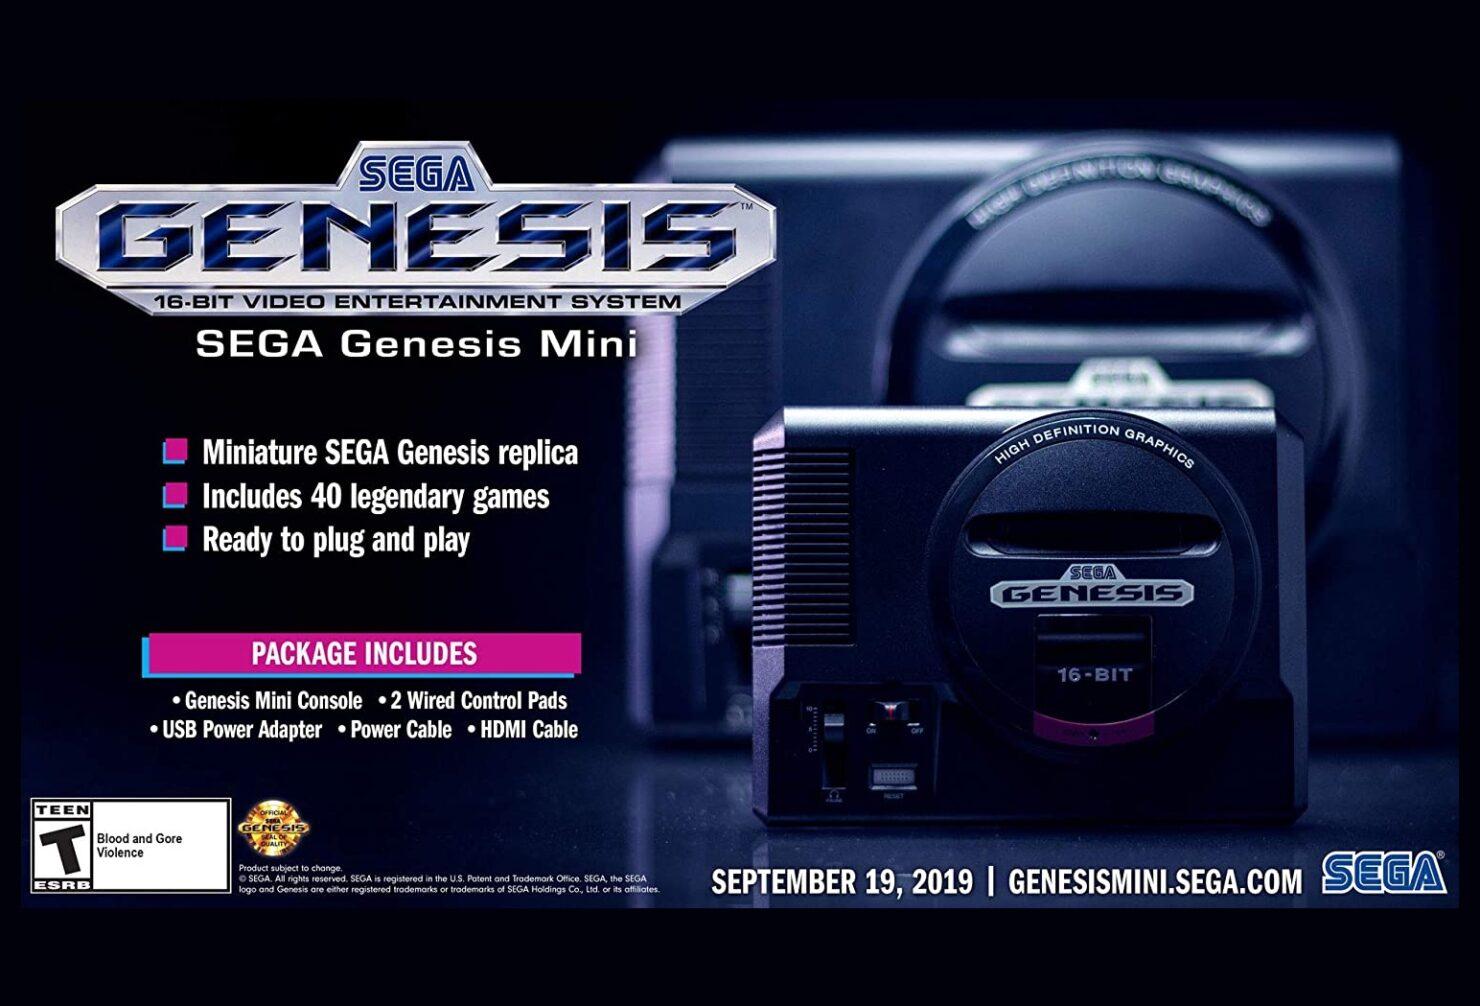 SEGA Genesis Mini drops to $49.99 once again